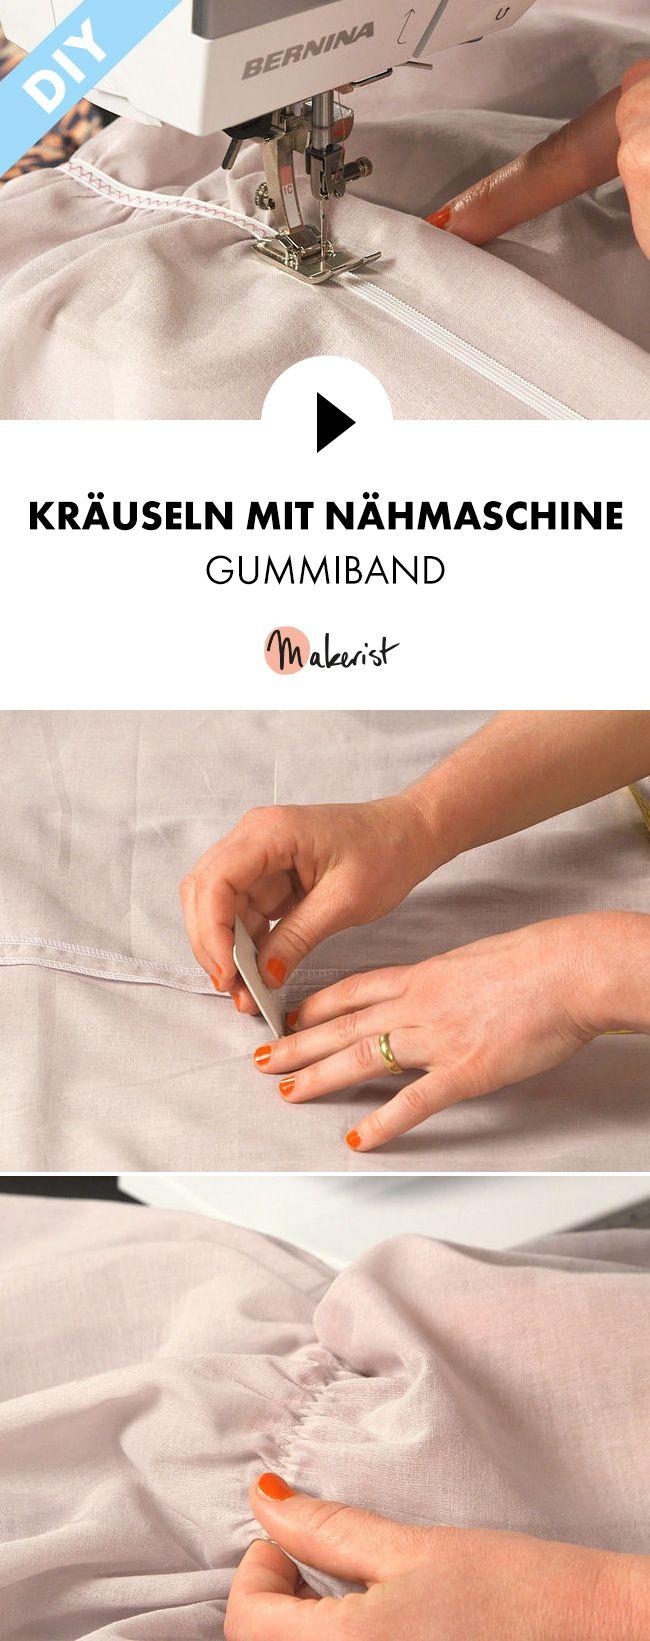 77 besten Knitting Bilder auf Pinterest | Stricken und häkeln ...